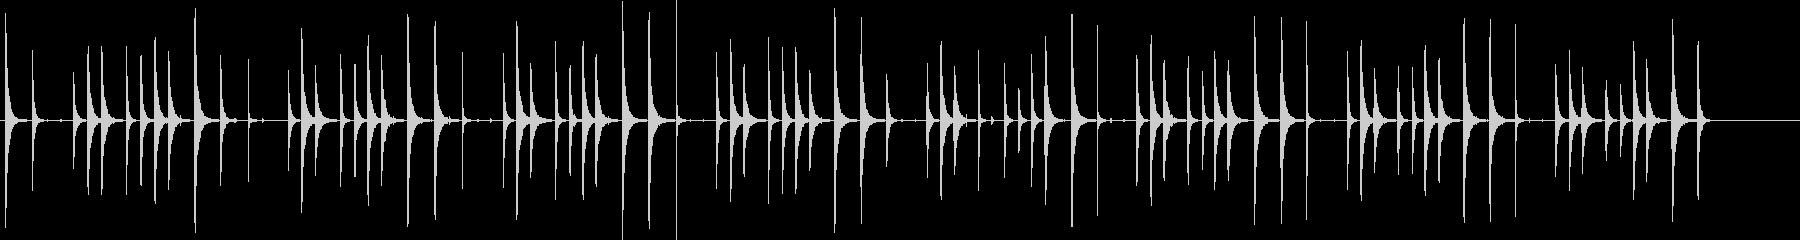 ボンゴドラム:ラテンリズム、ドラム...の未再生の波形